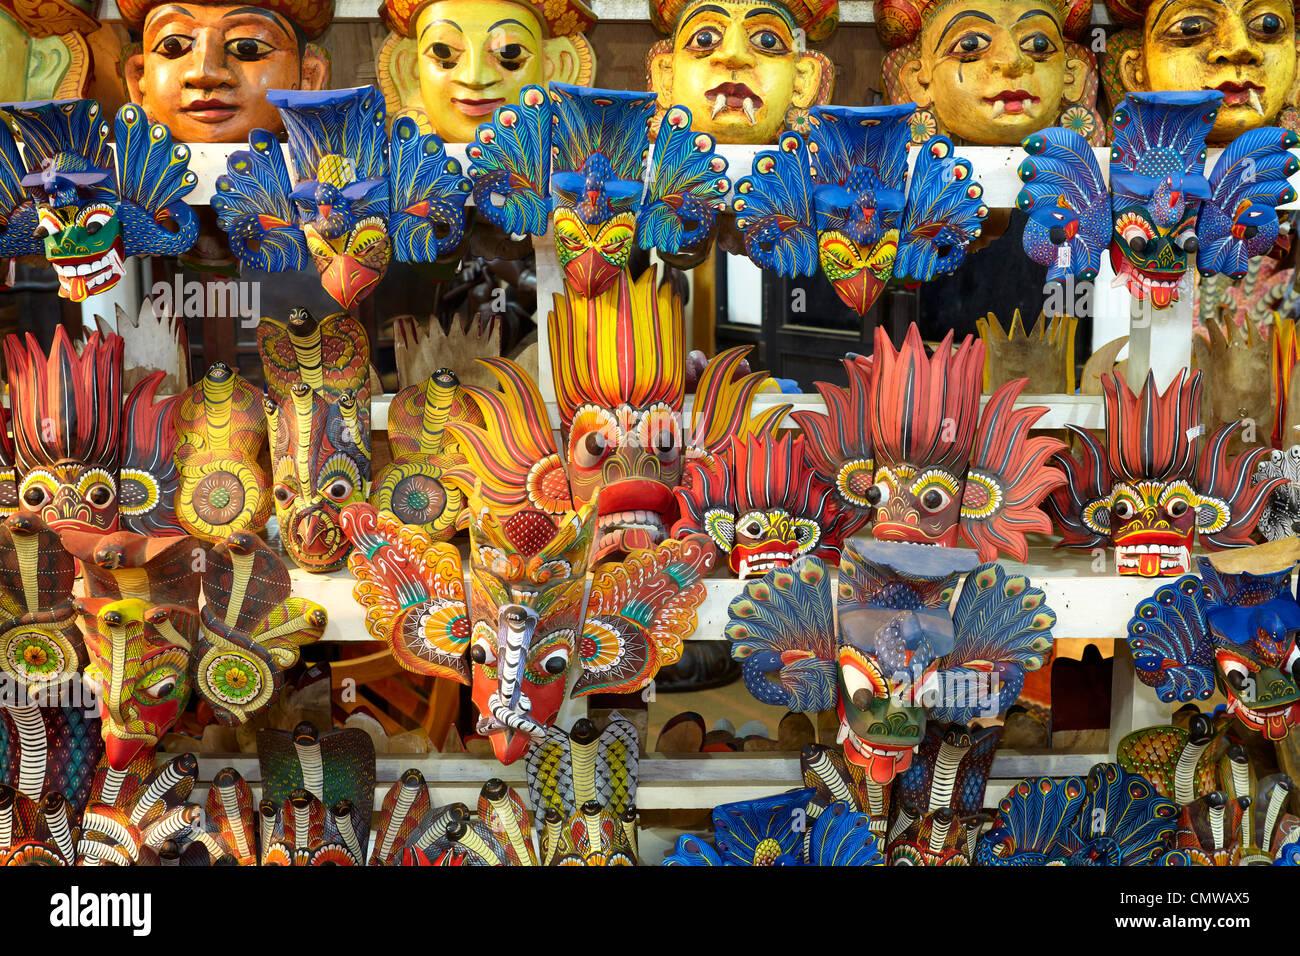 Sri Lanka - tradizionale scultura in legno, negozio con la pittura tradizionale maschera Immagini Stock